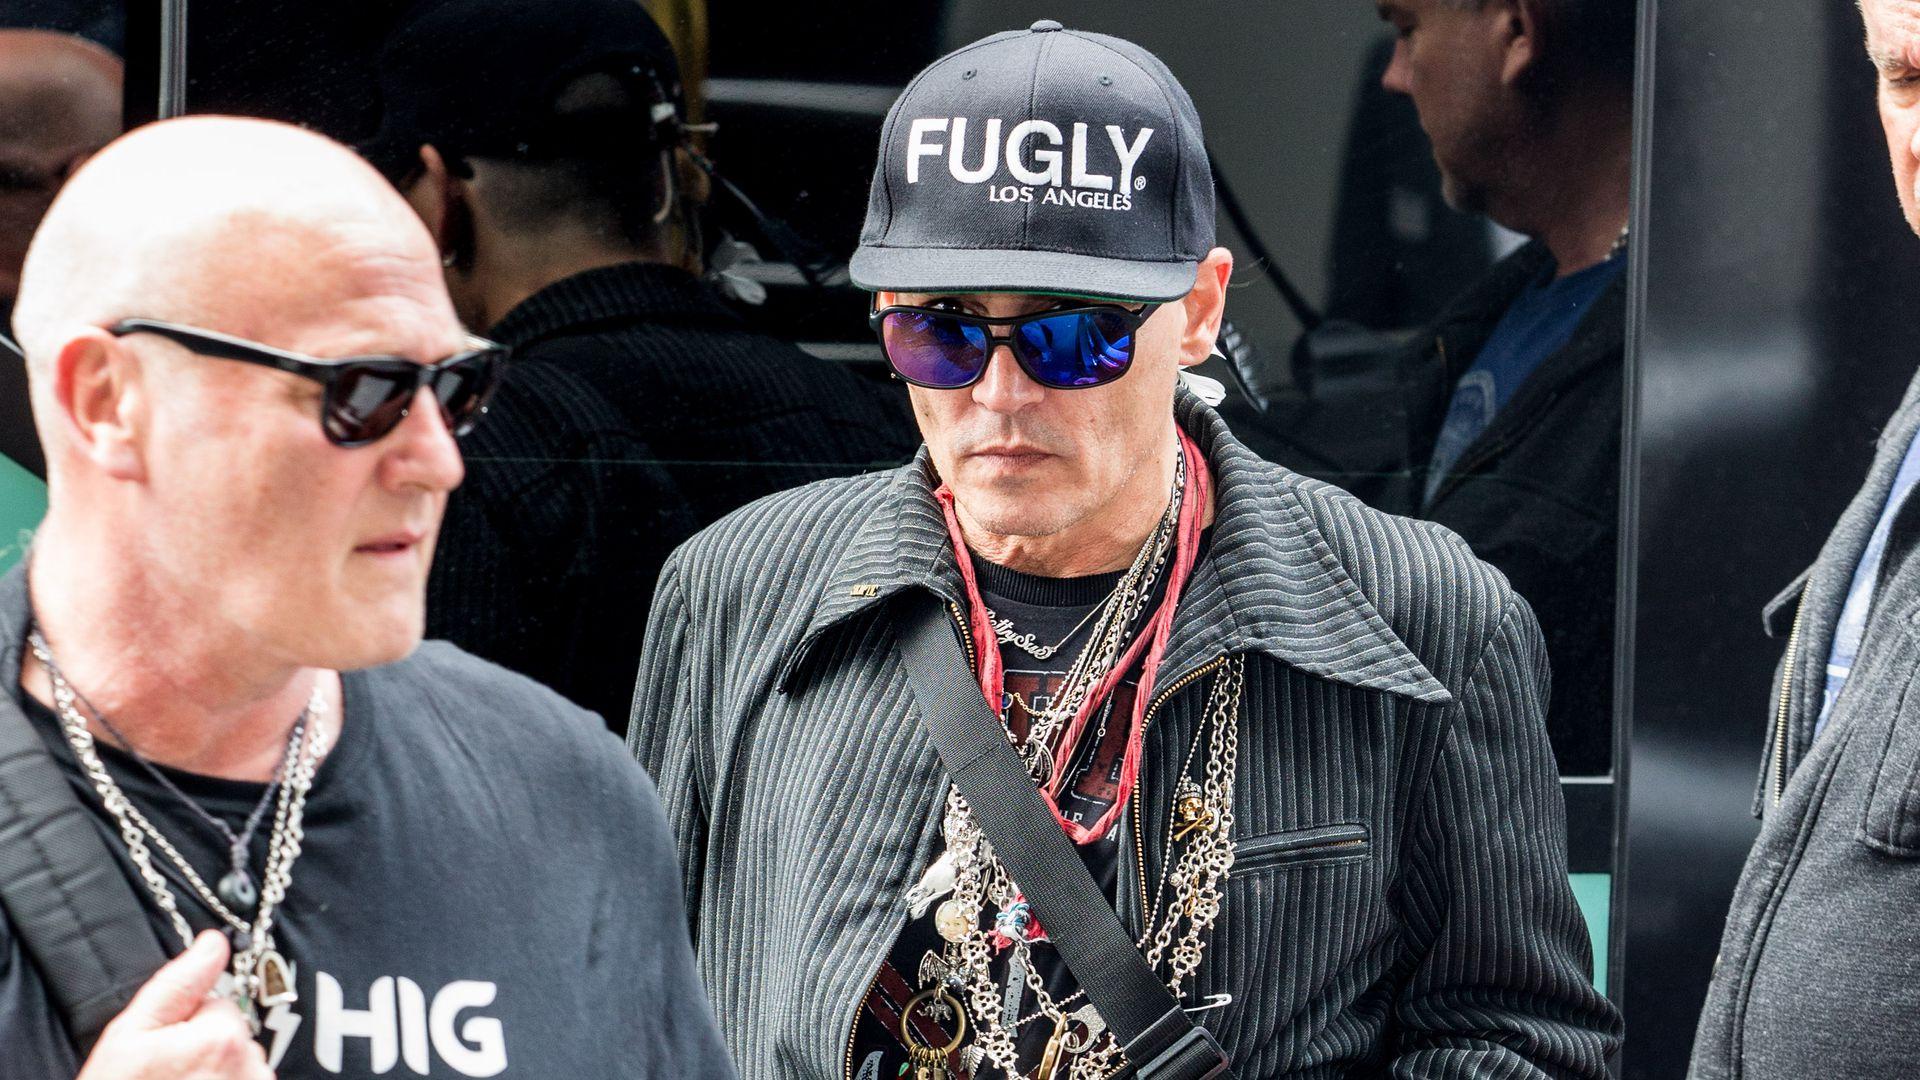 Bilder Aus Berlin Zerbricht Johnny Depp Am Tour Stress